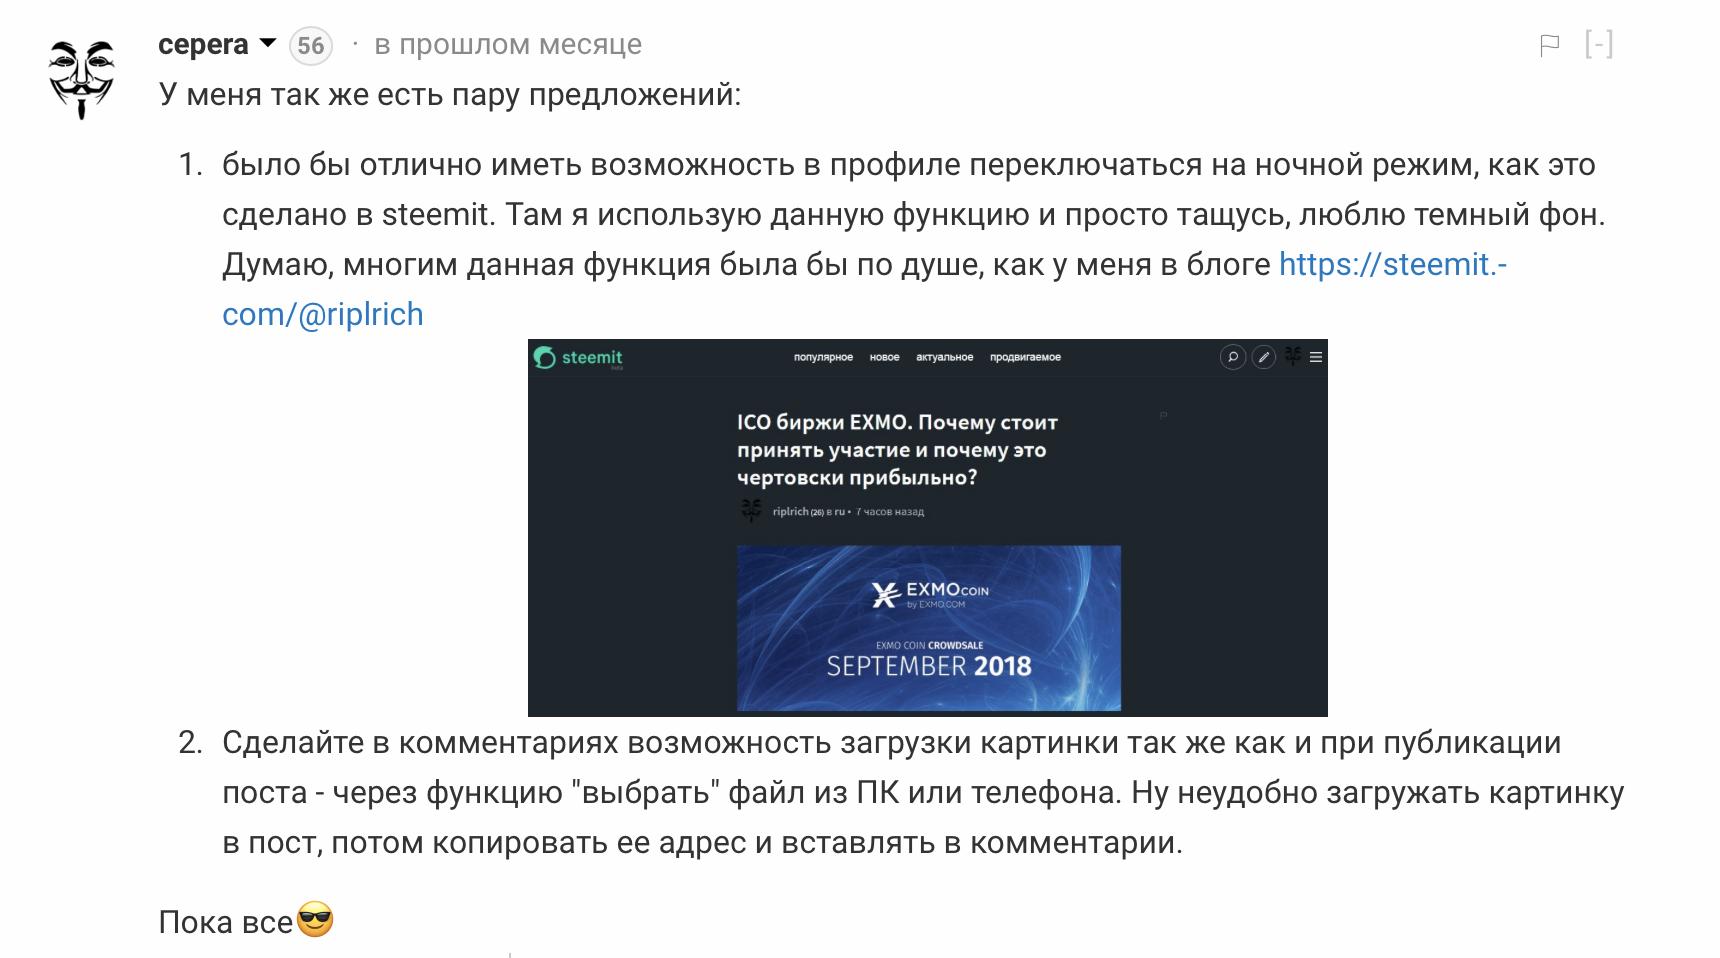 Снимок экрана 2018-06-26 в 19.42.31.png